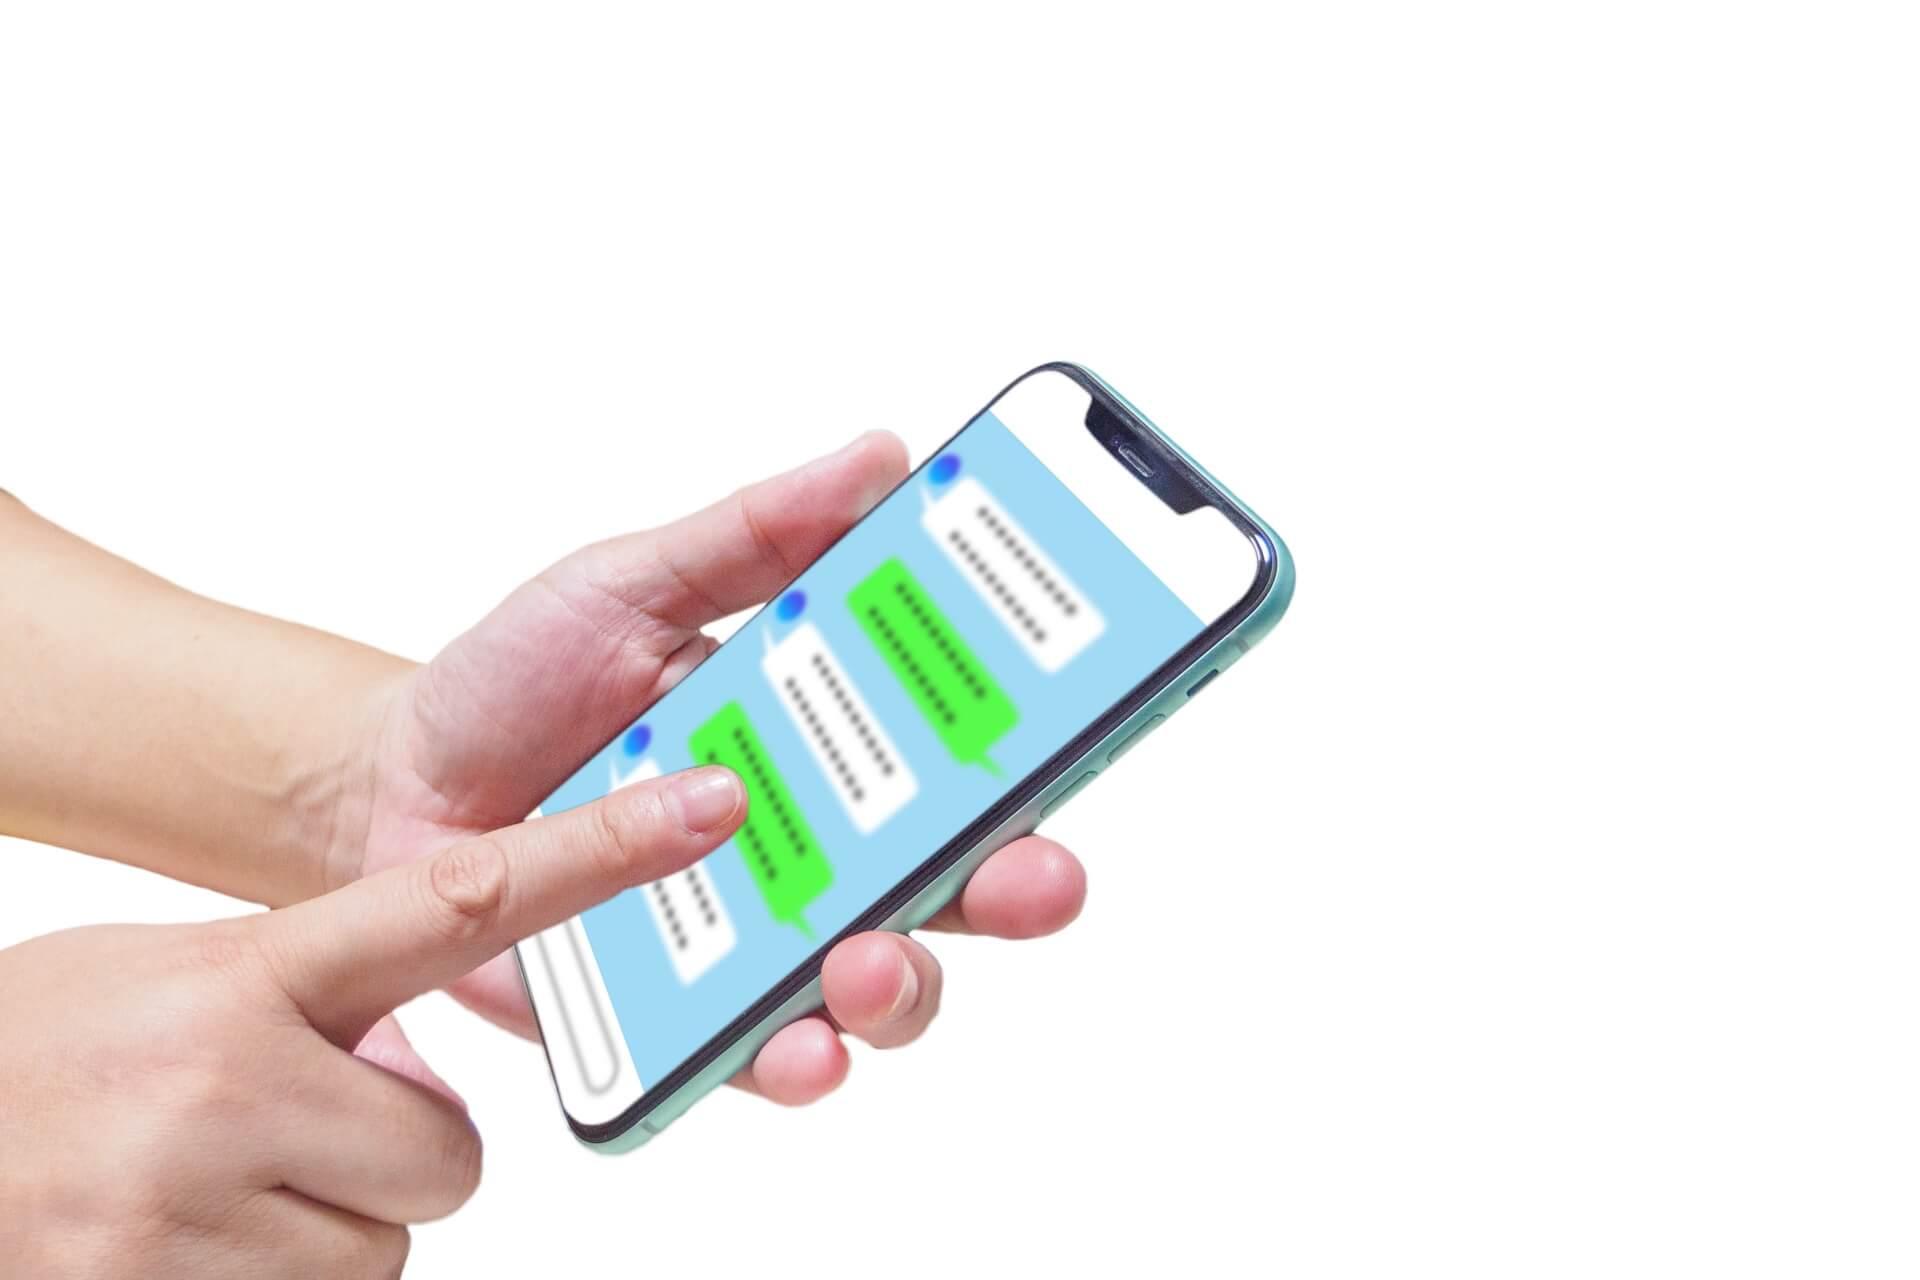 メッセージから読み取る!マッチングアプリのヤリモク見分け方